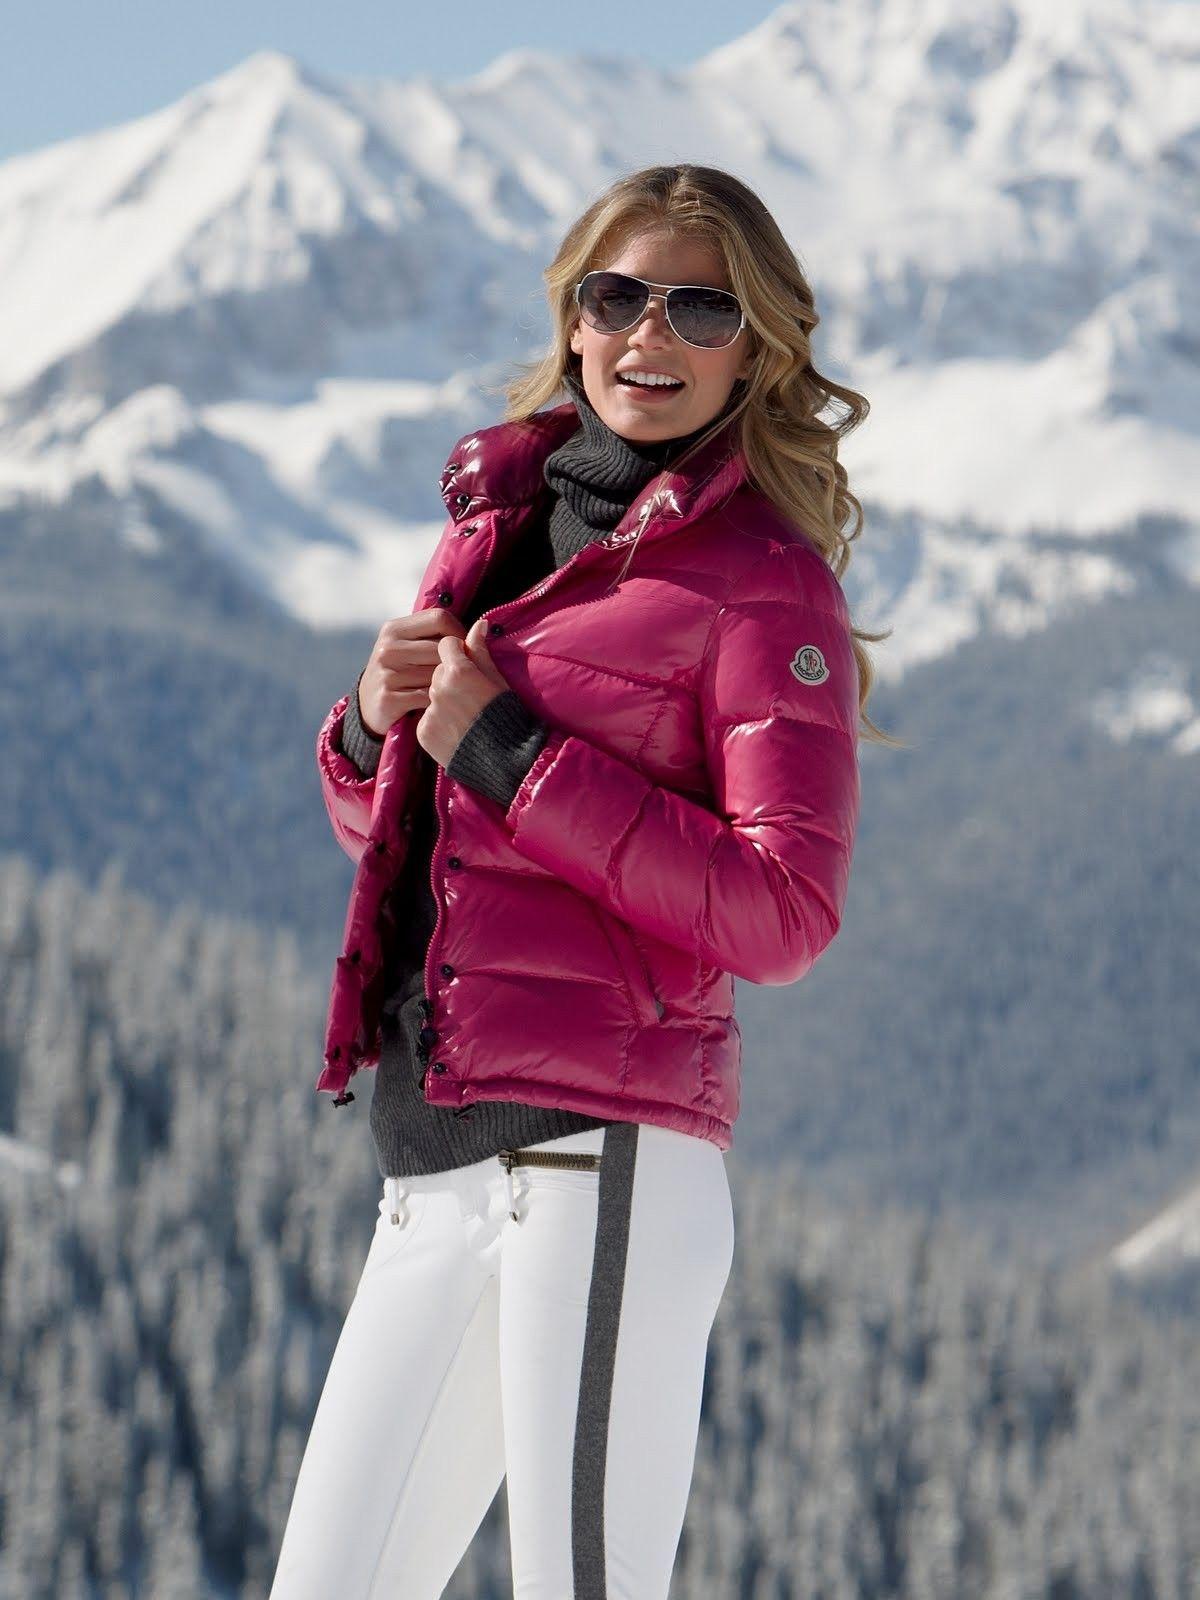 moncler ski gear